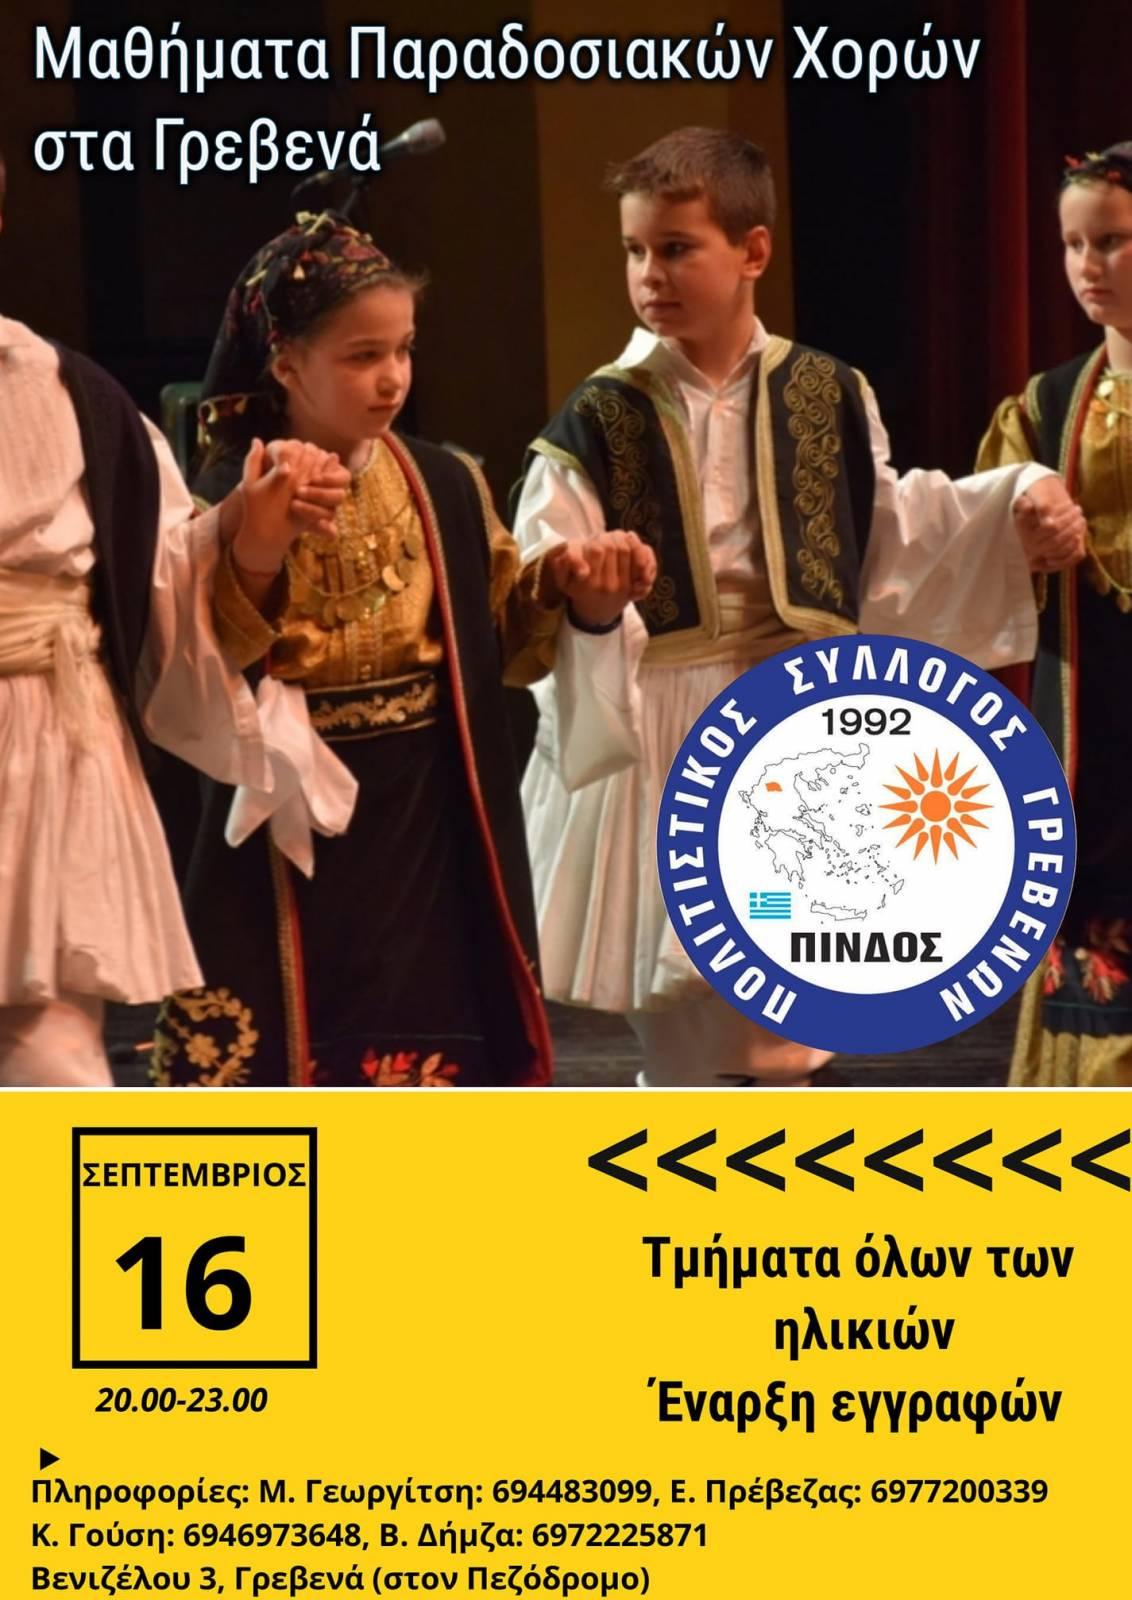 Πολιτιστικός Σύλλογος Γρεβενών Πίνδος: έναρξη χορευτικής περιόδου 2019-2020